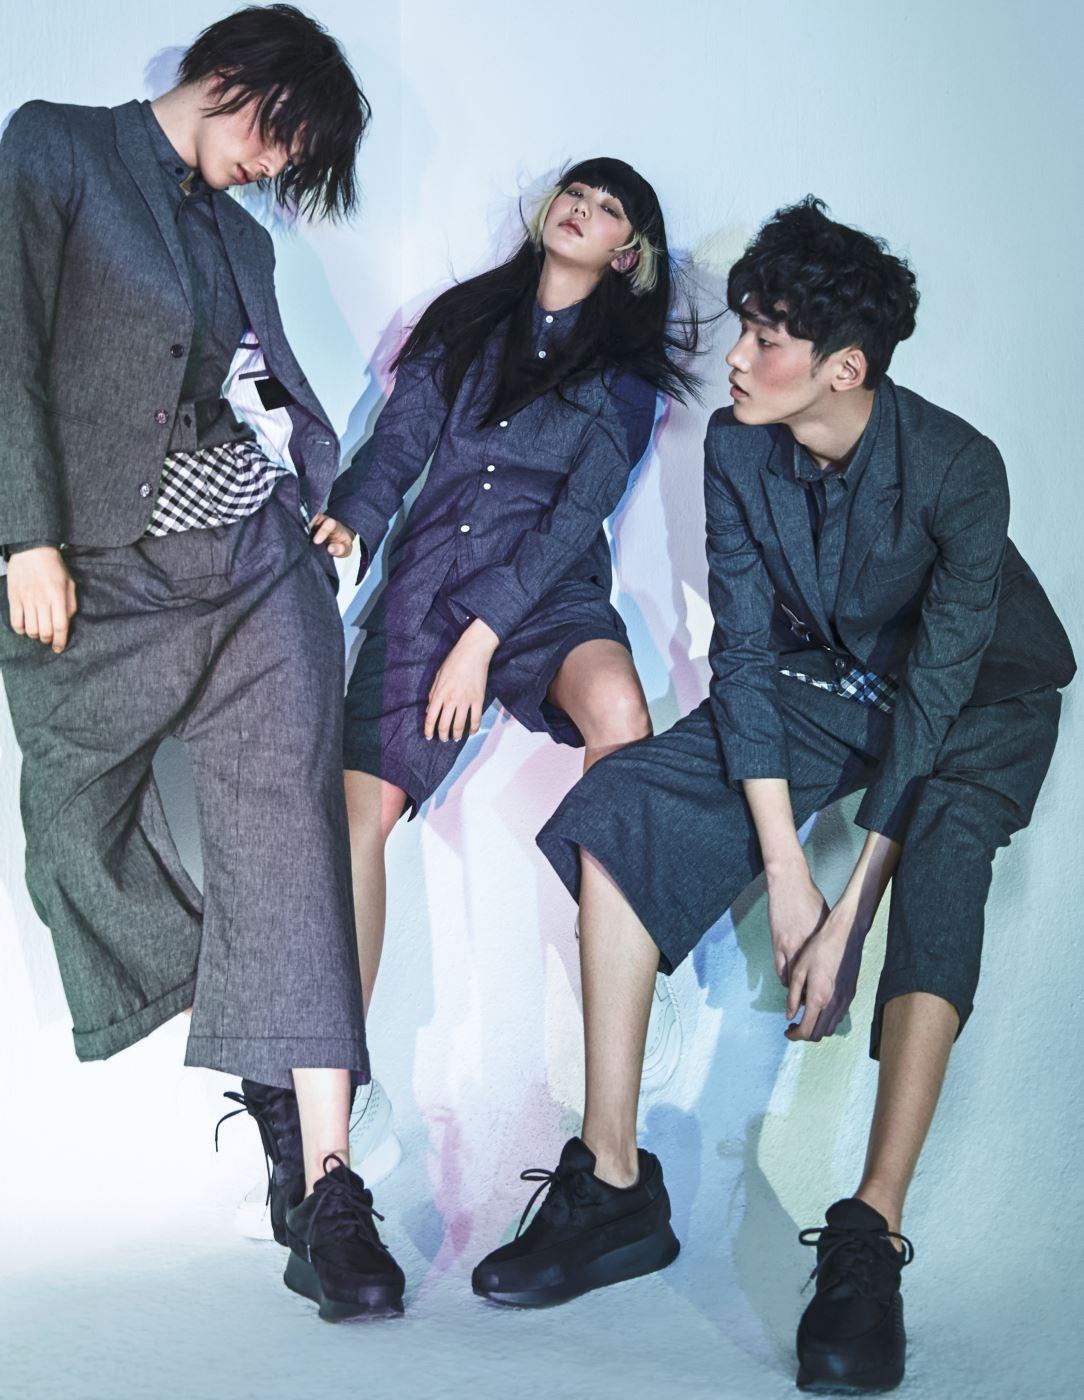 울처럼 보이는 시각적 소재감이 특징인 톡톡한 면 소재를 사용한 재킷과 셔츠, 팬츠, 그리고 투박해서 더 멋진 스니커즈는 모두 문수권 제품.